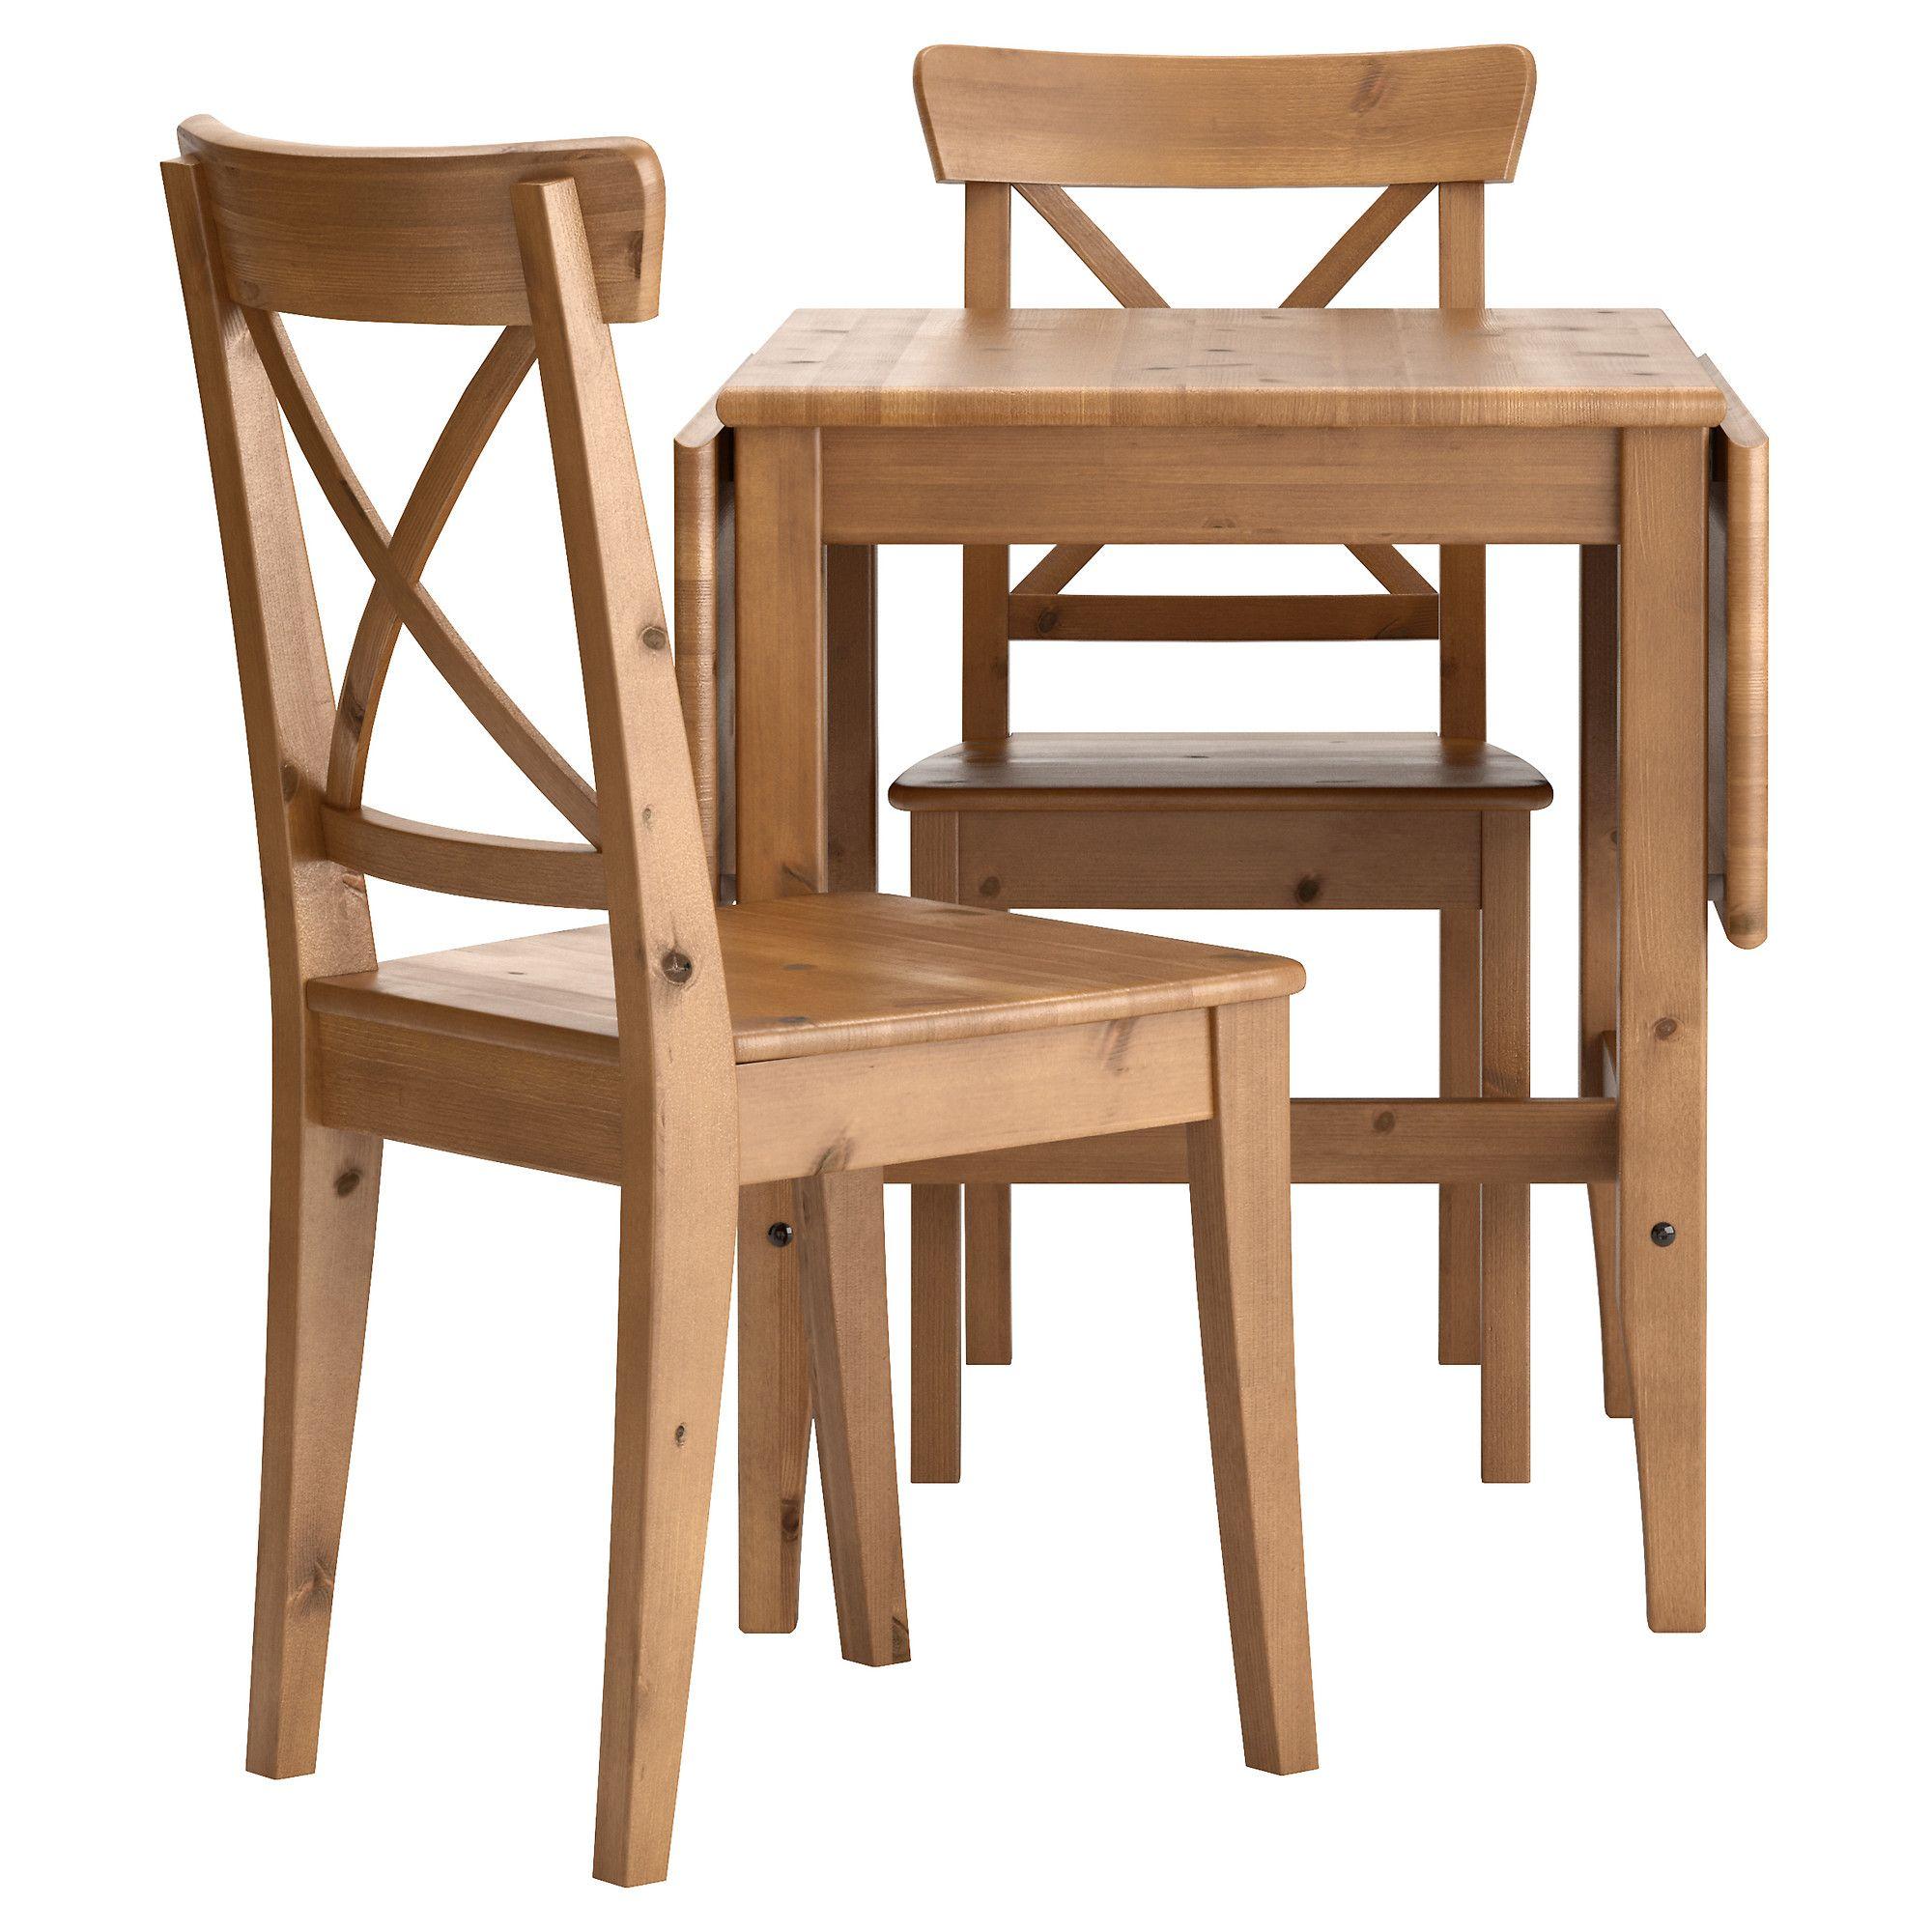 Beboelig tienda para ni o ikea bancos y sillas for Bancos de madera ikea